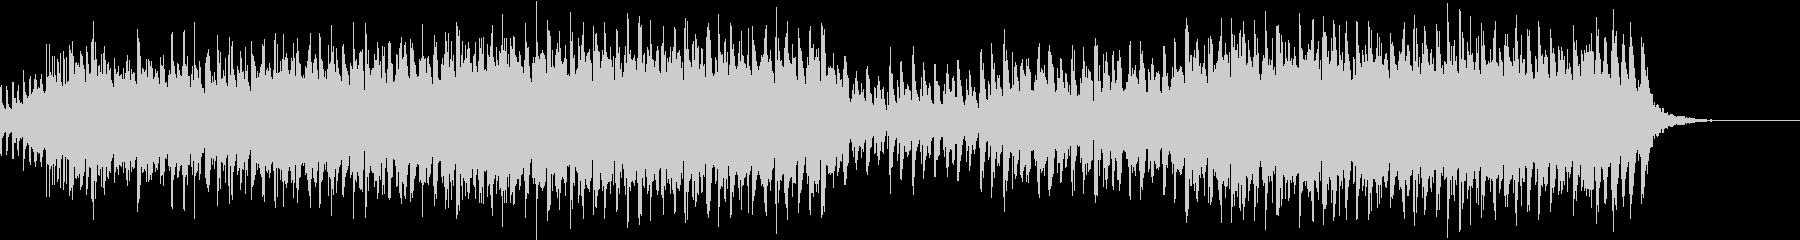 明るくダンザブルなラテンサンバサウンドの未再生の波形